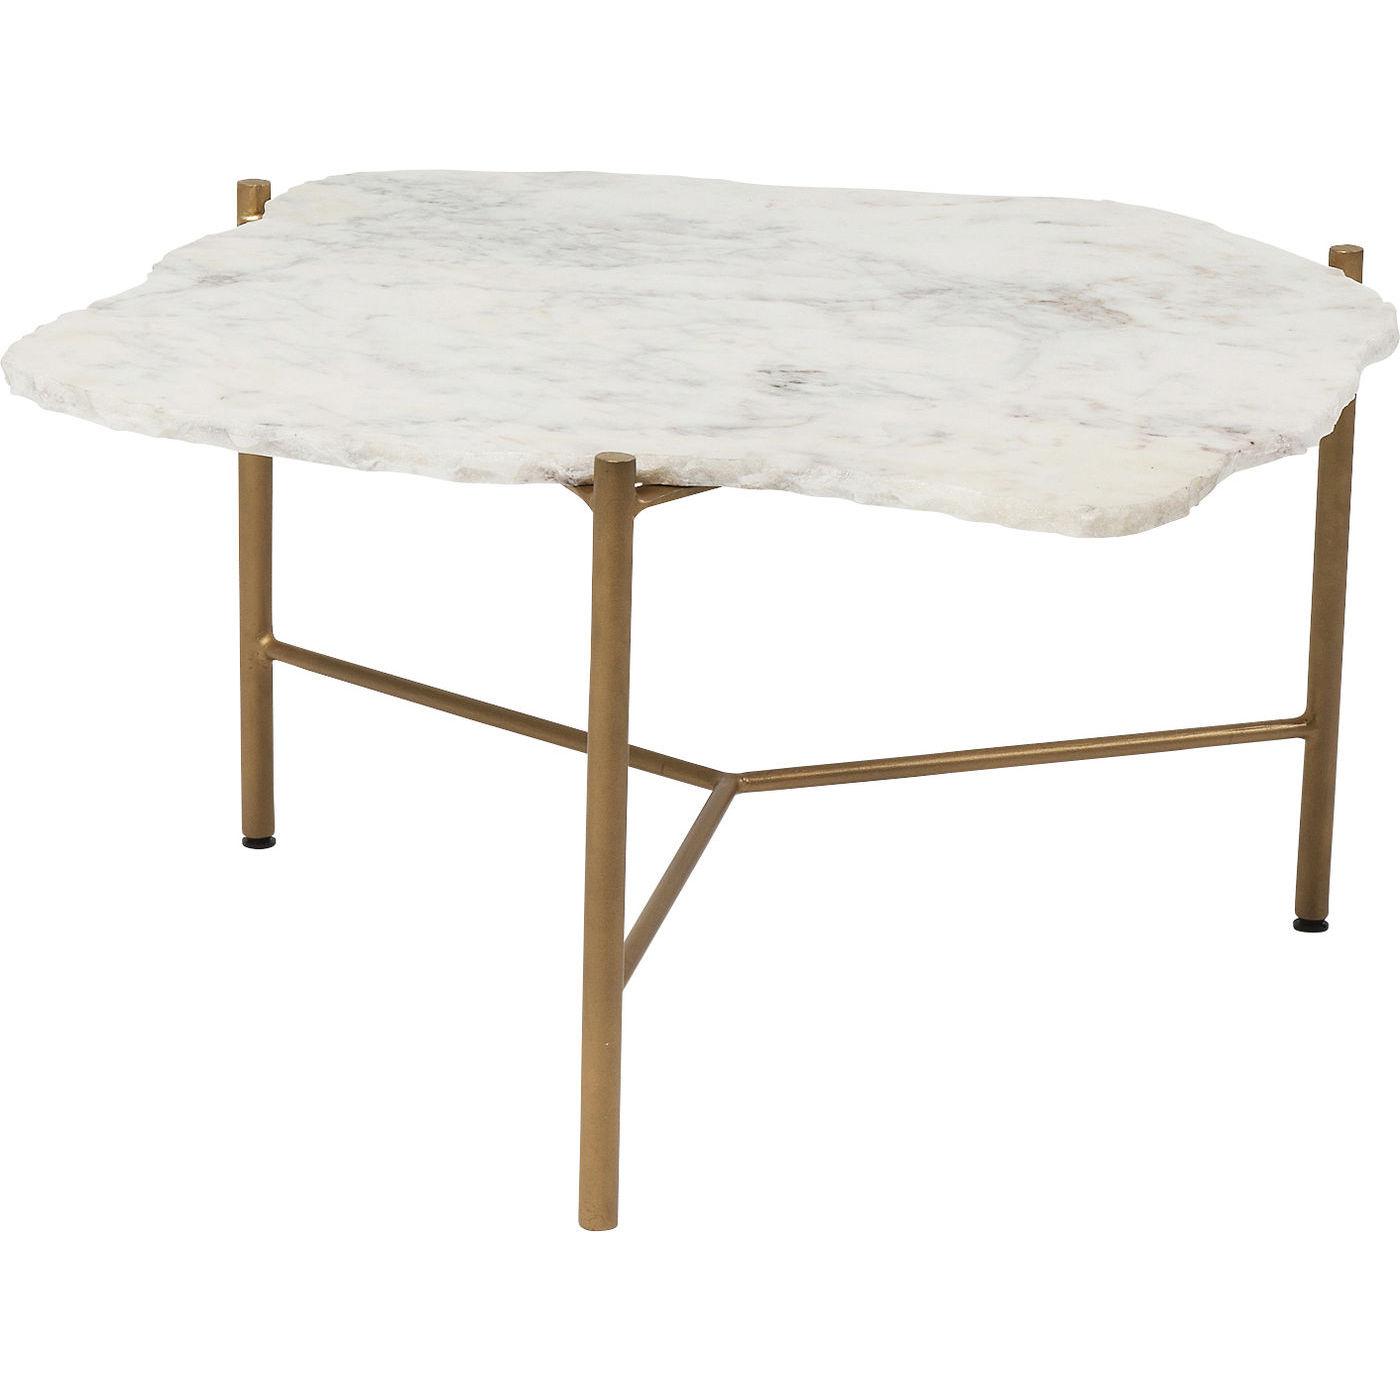 kare design – Kare design piedra white sofabord - hvidt marmor/guld stål på boboonline.dk